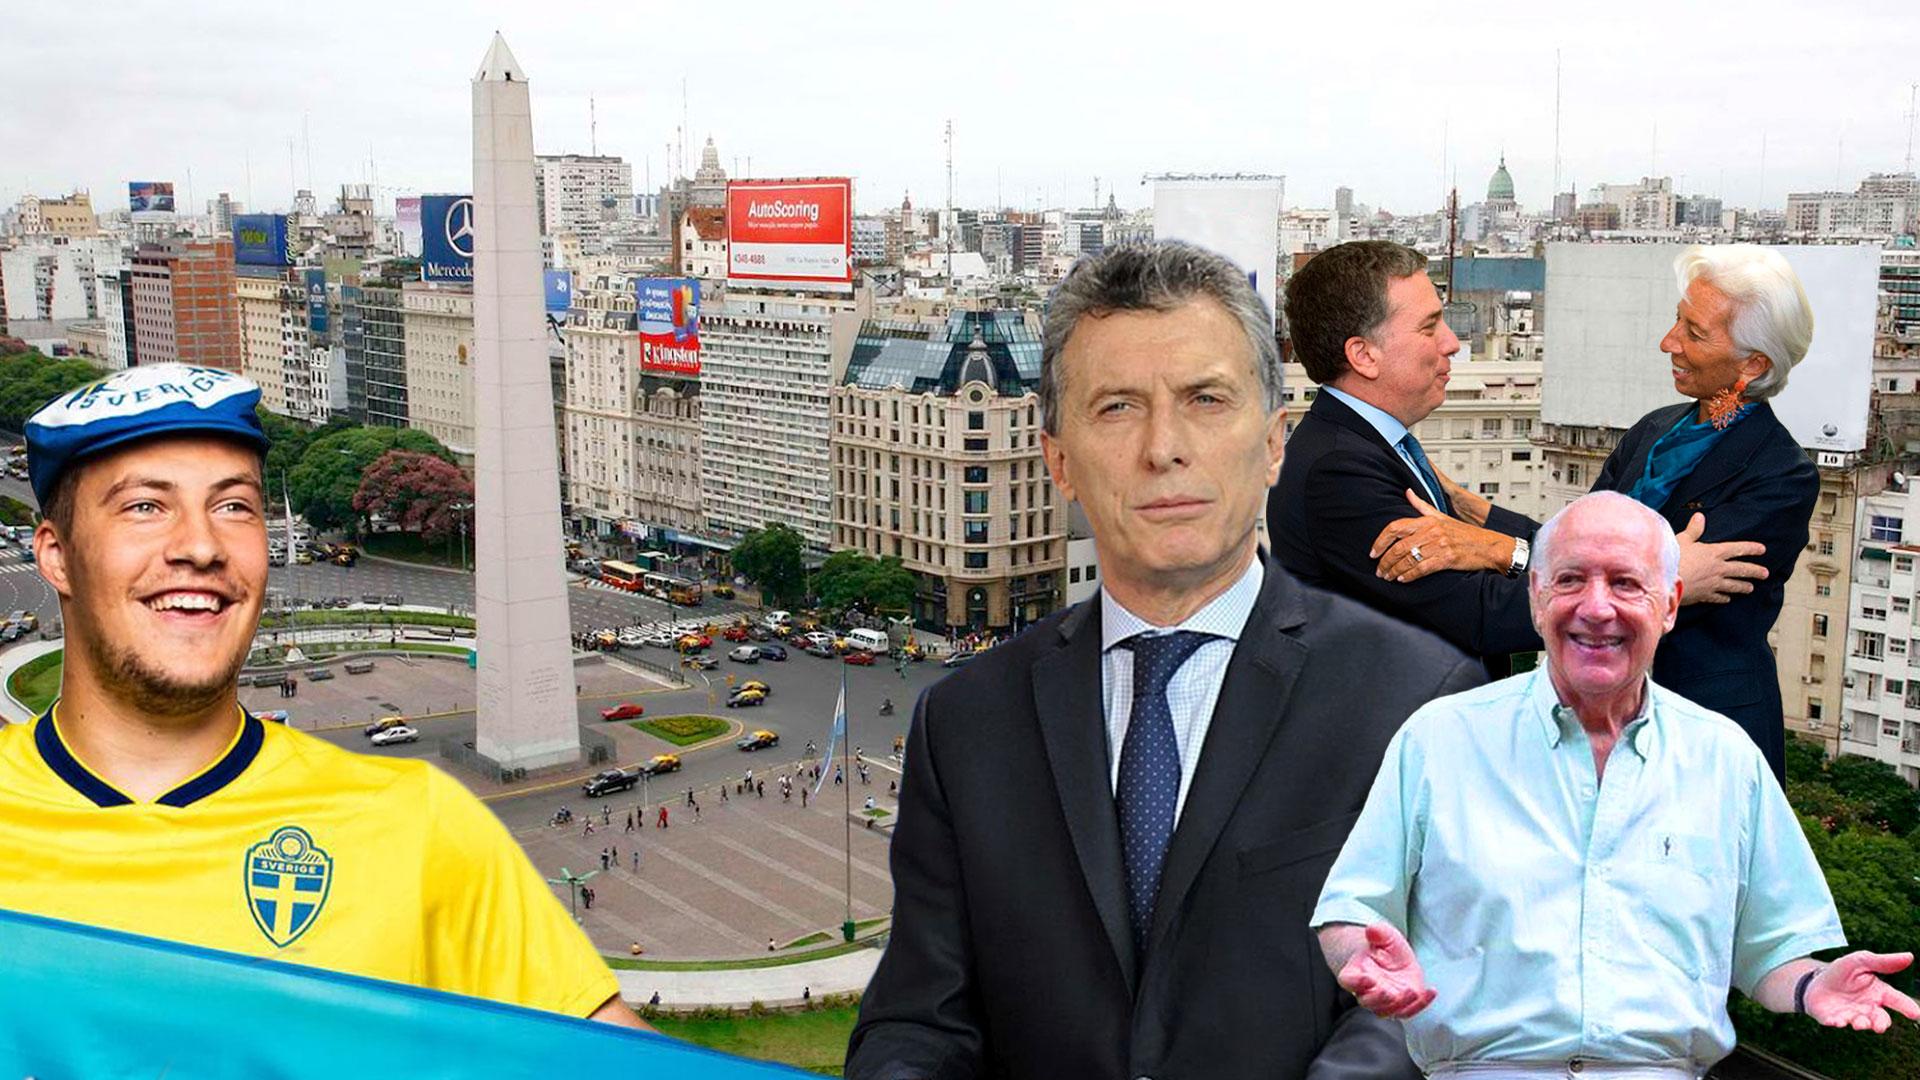 Sueco Que En Explicarle Pasa Todo Argentina Infobae Lo Cómo La A Un 2eWEYH9ID